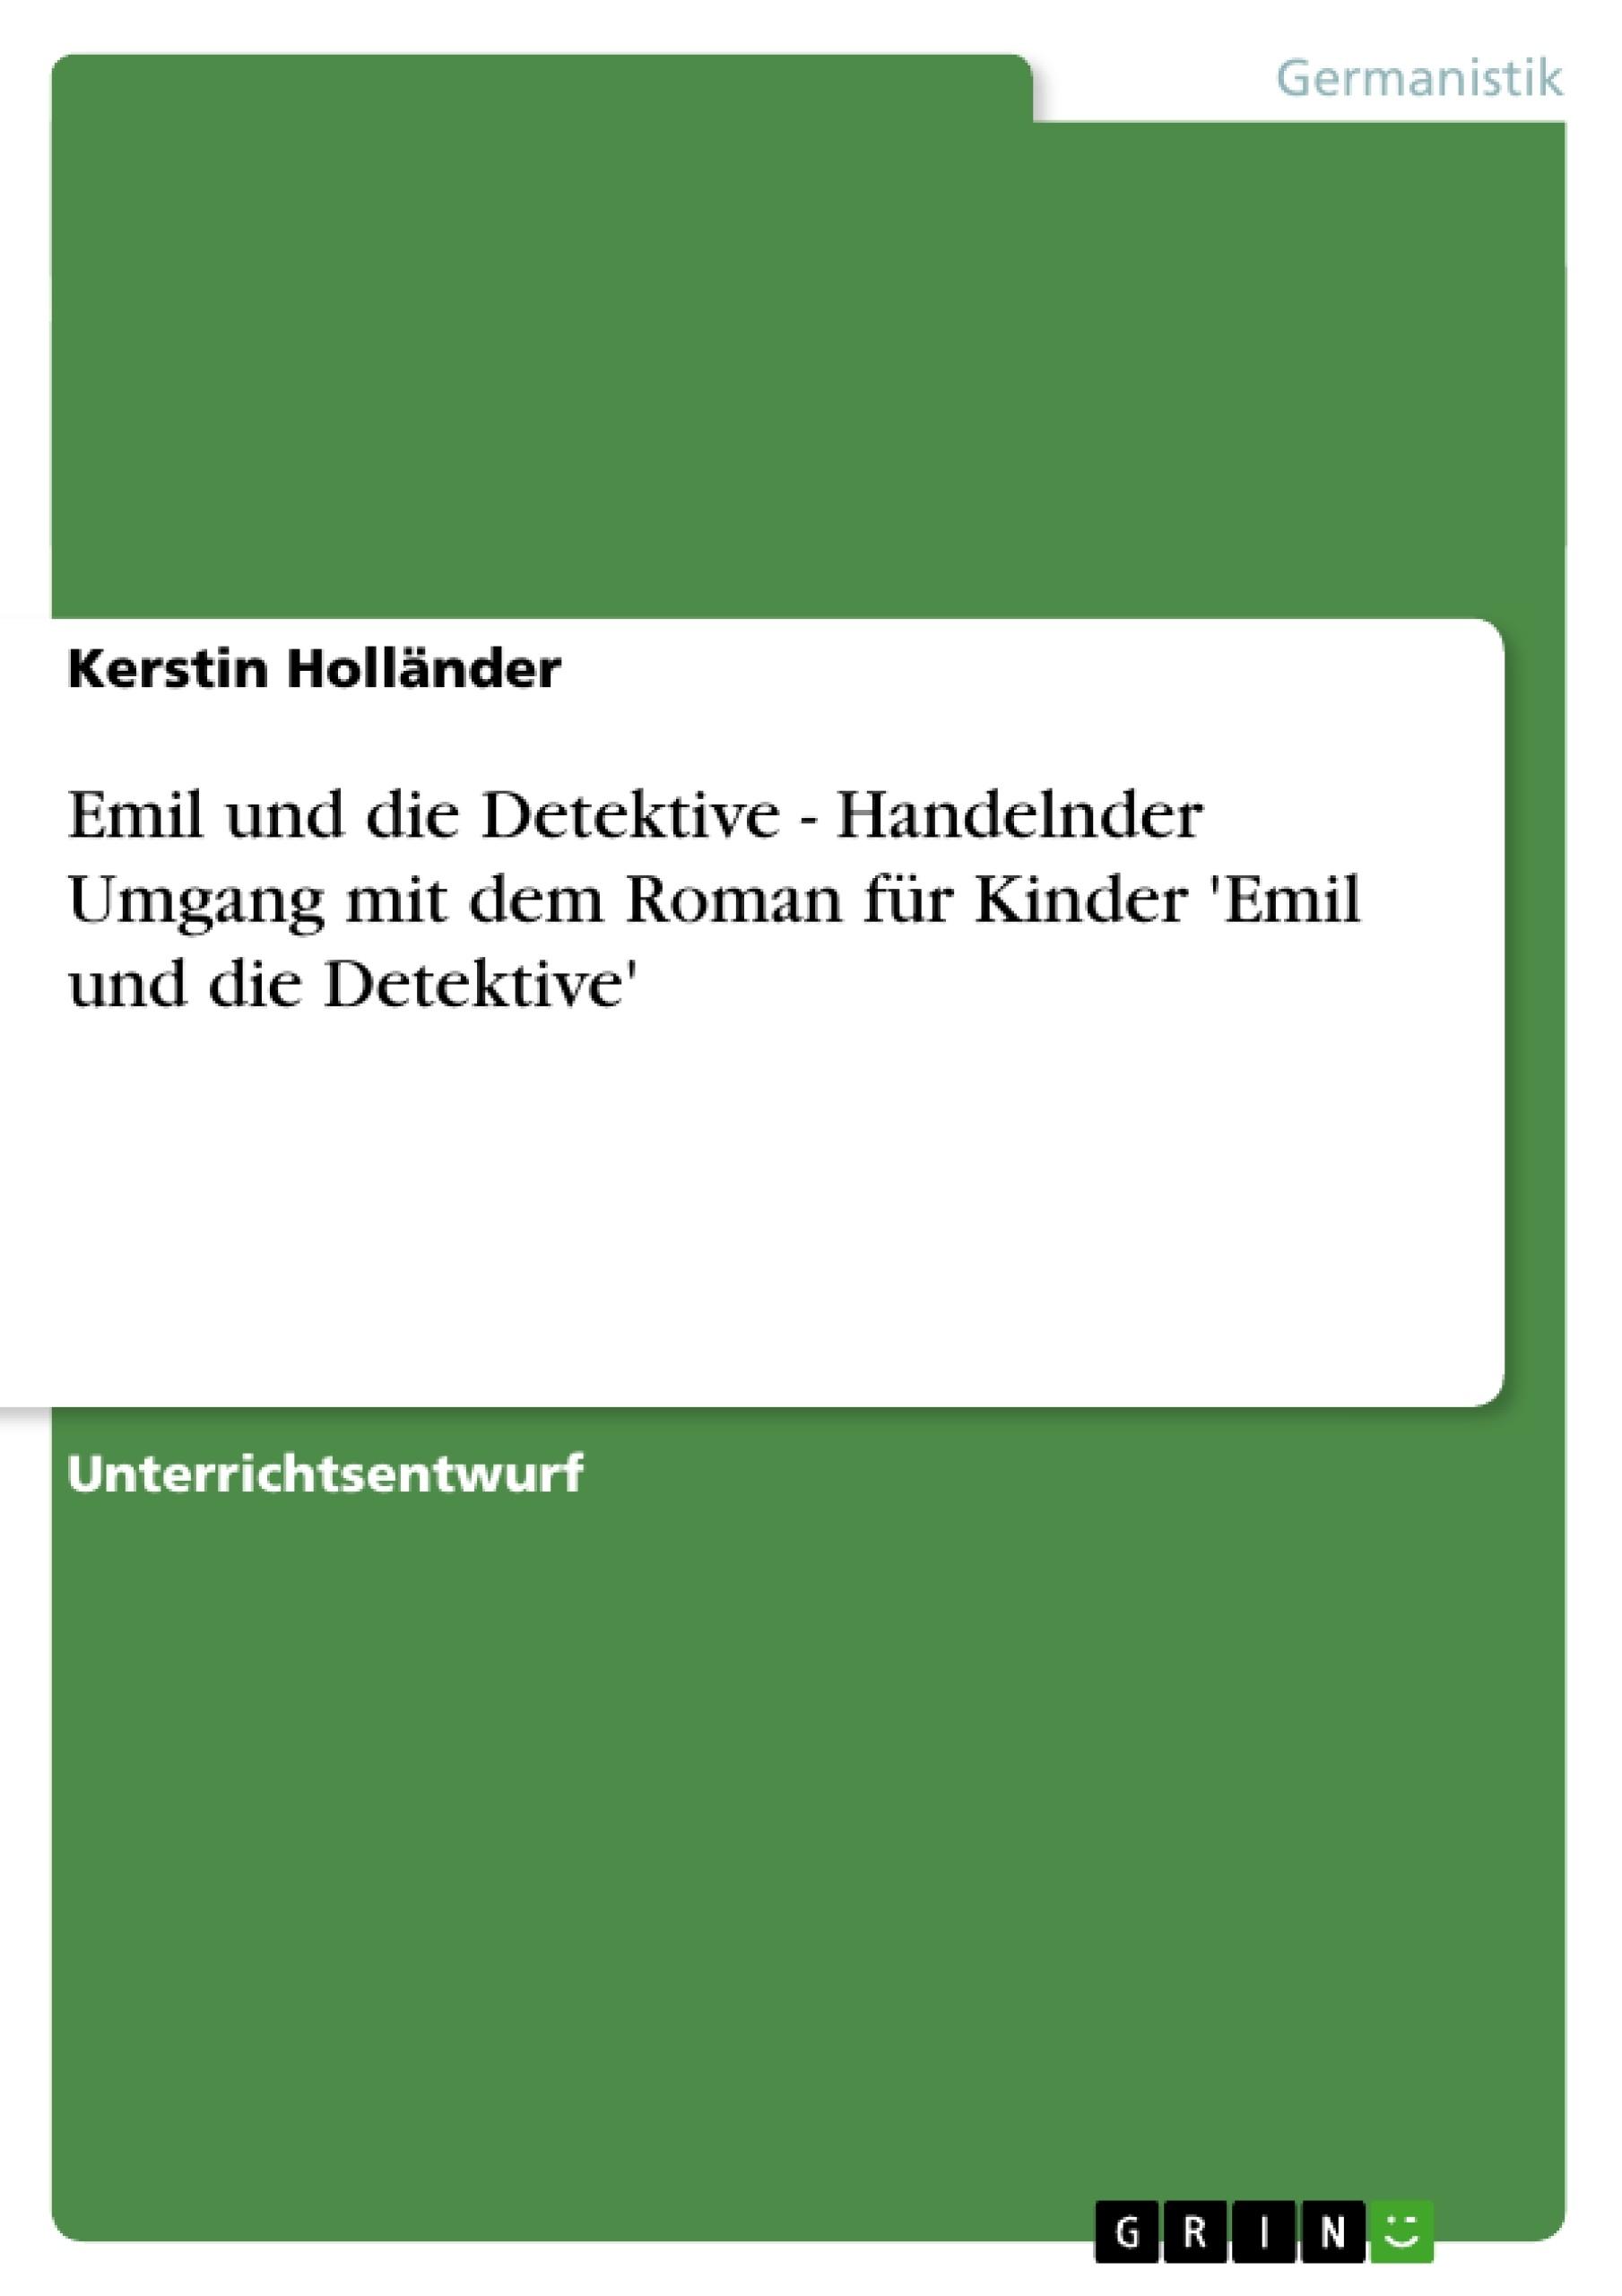 Titel: Emil und die Detektive - Handelnder Umgang mit dem Roman für Kinder 'Emil und die Detektive'